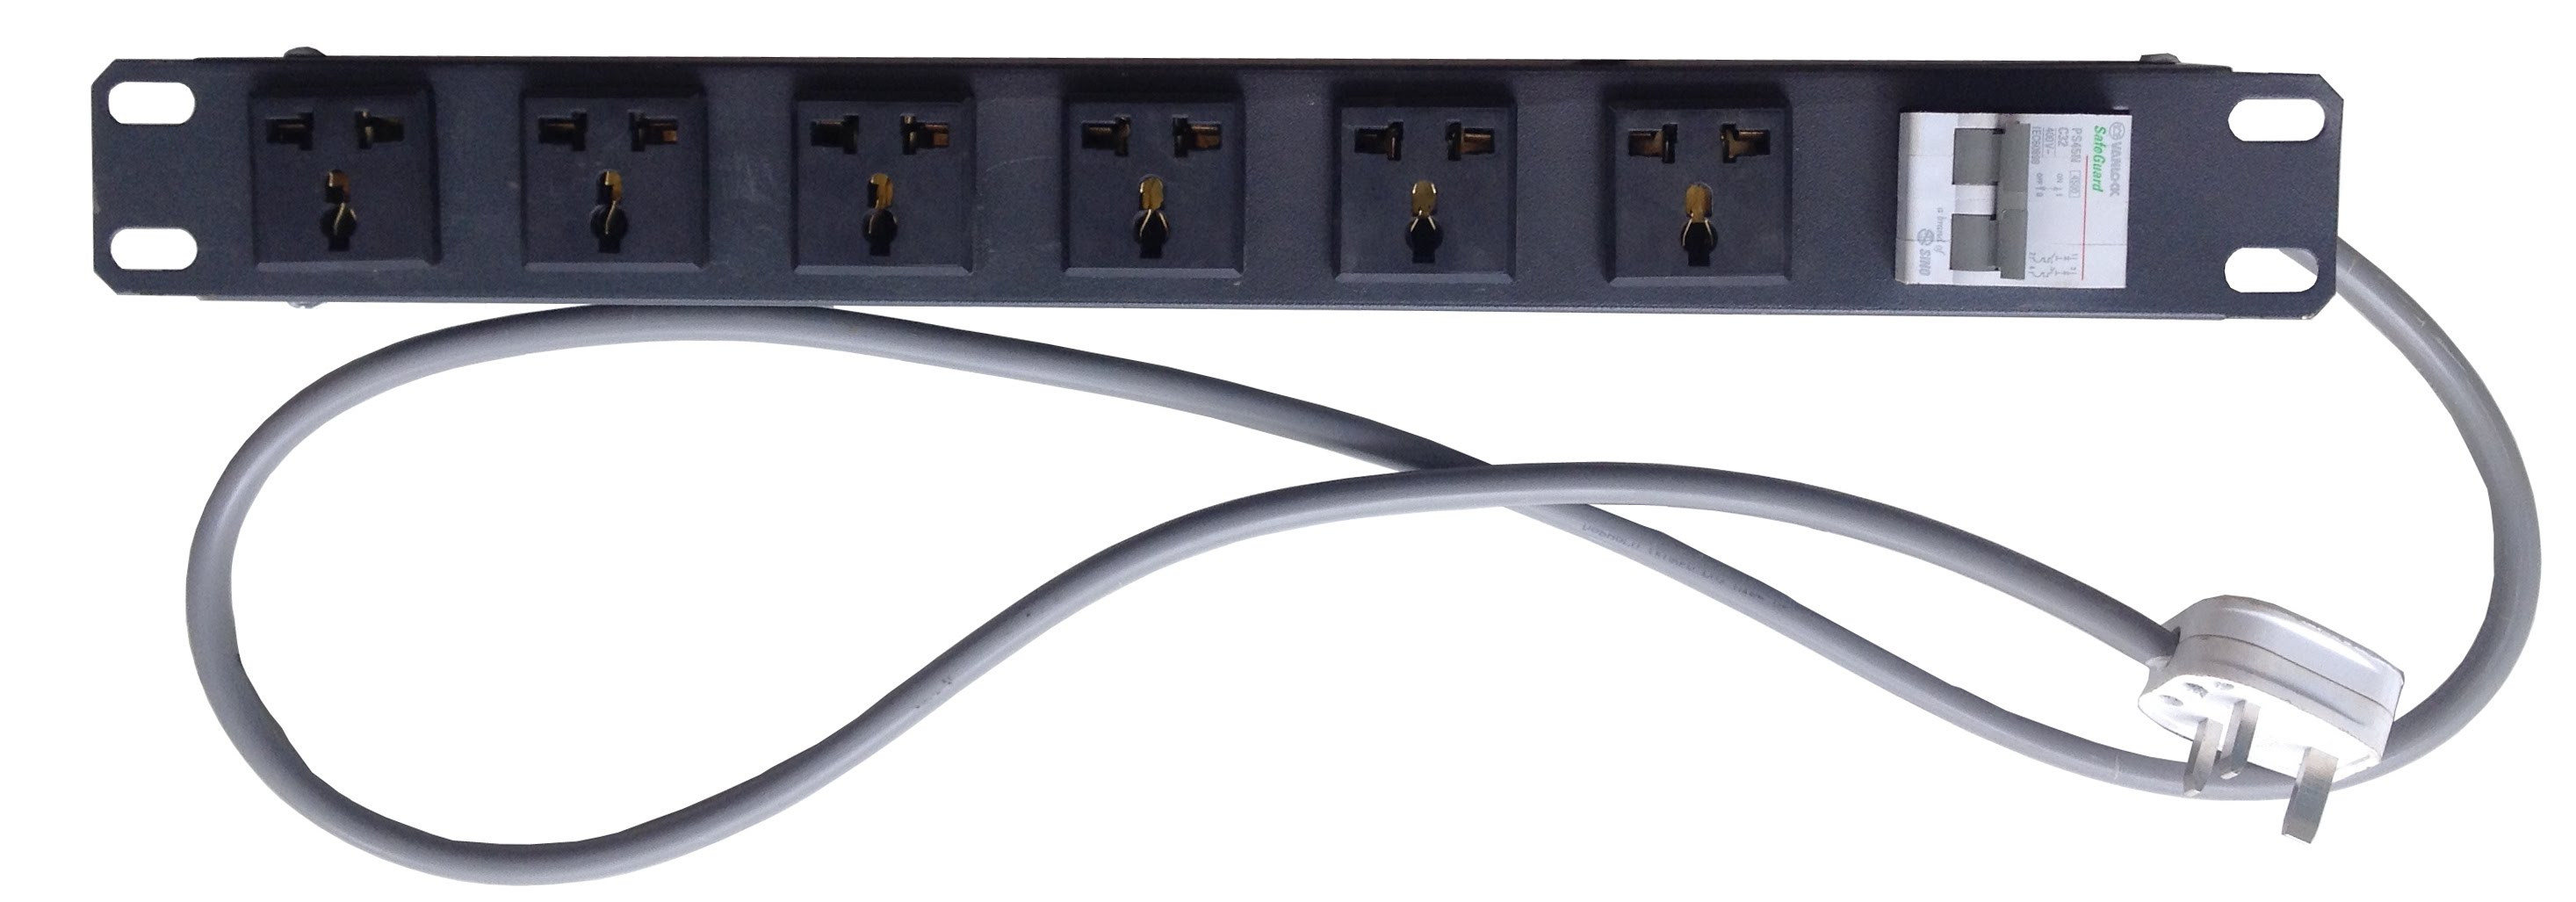 Thanh phân phối nguồn điện, 6 ổ cắm Universal, 16A, 250V